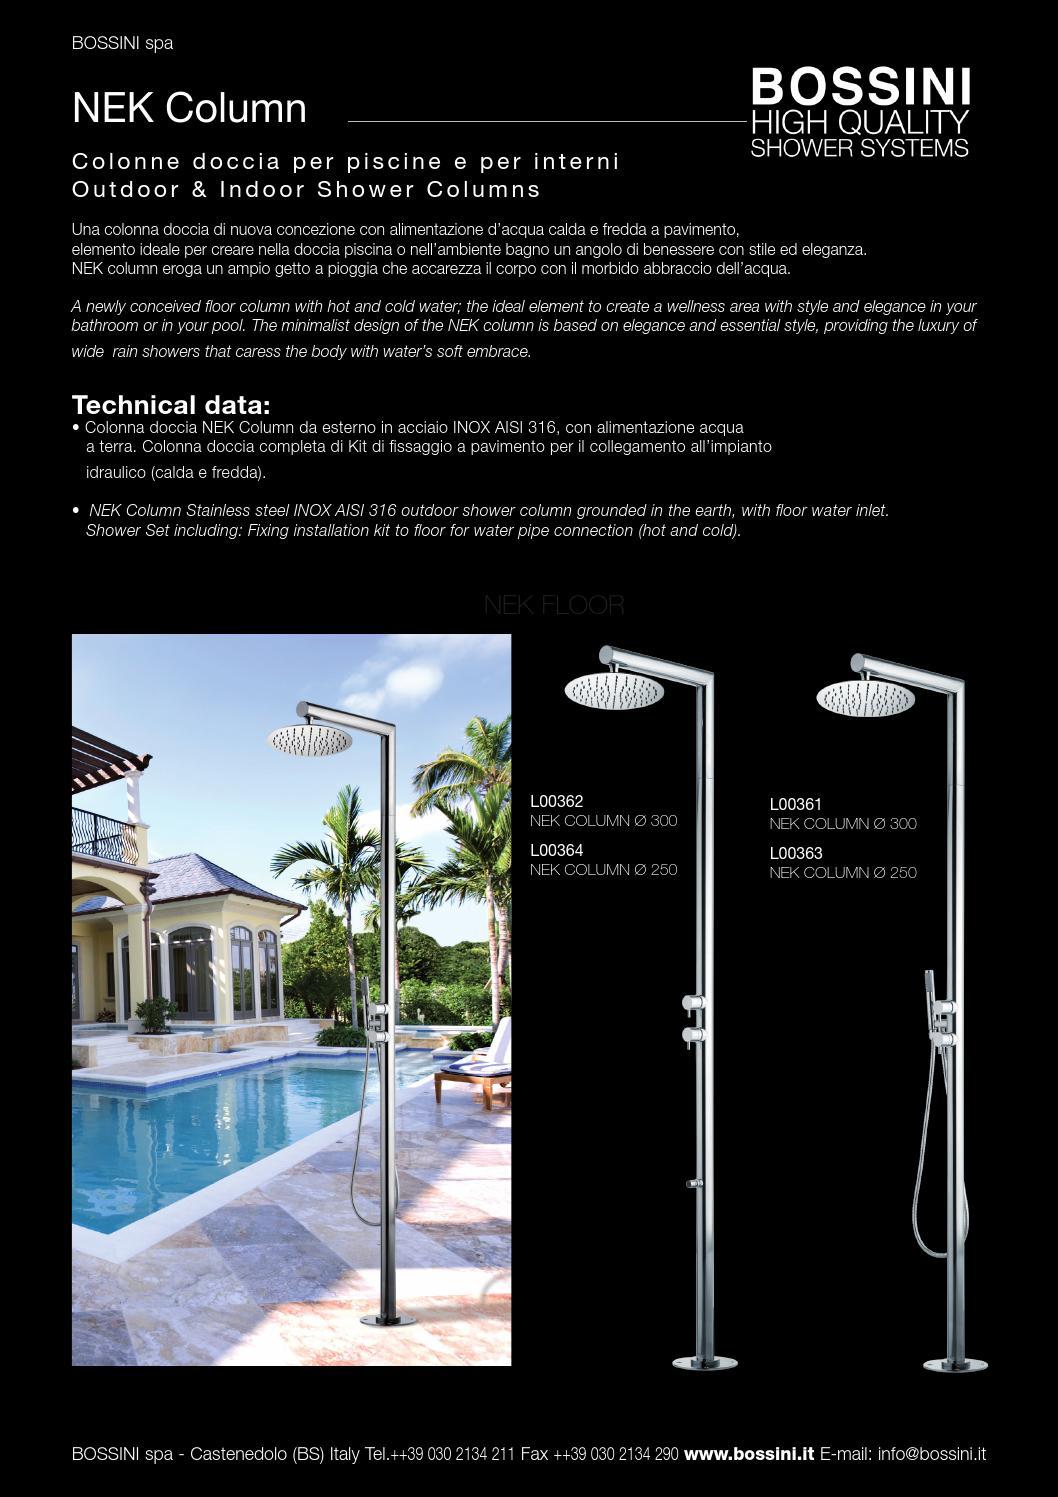 Piscine En Inox Steel And Style nek columnbossini spa - issuu